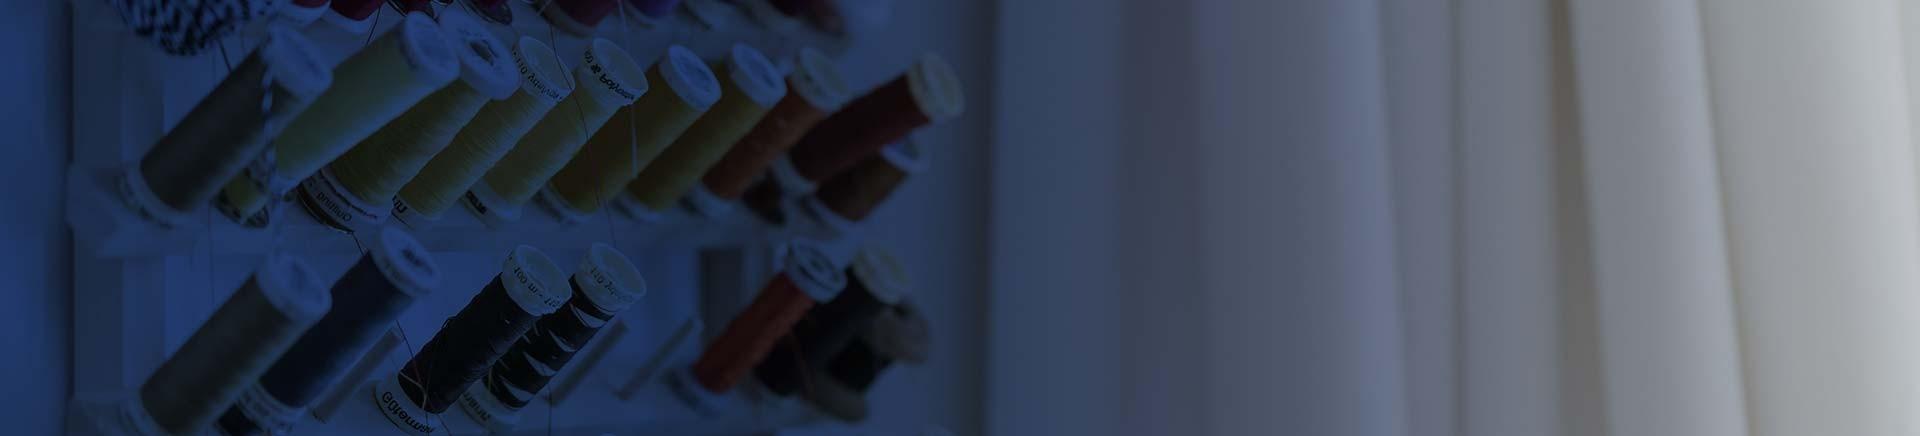 Nähgarn online kaufen | JAVRO Stoffmarkt